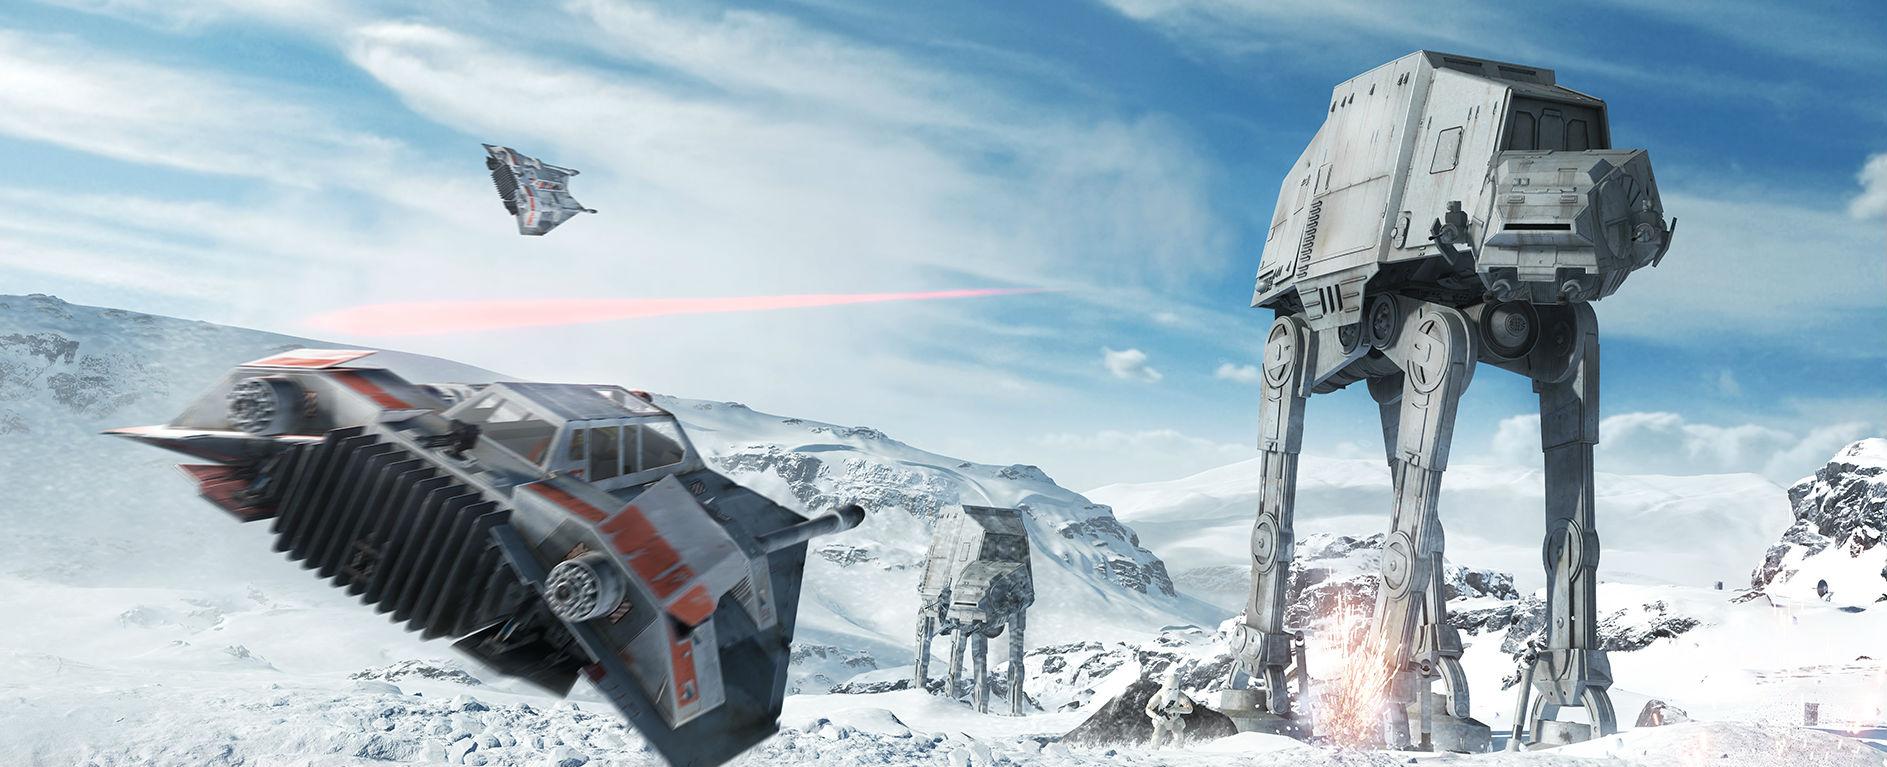 Star Wars Battlefront photo